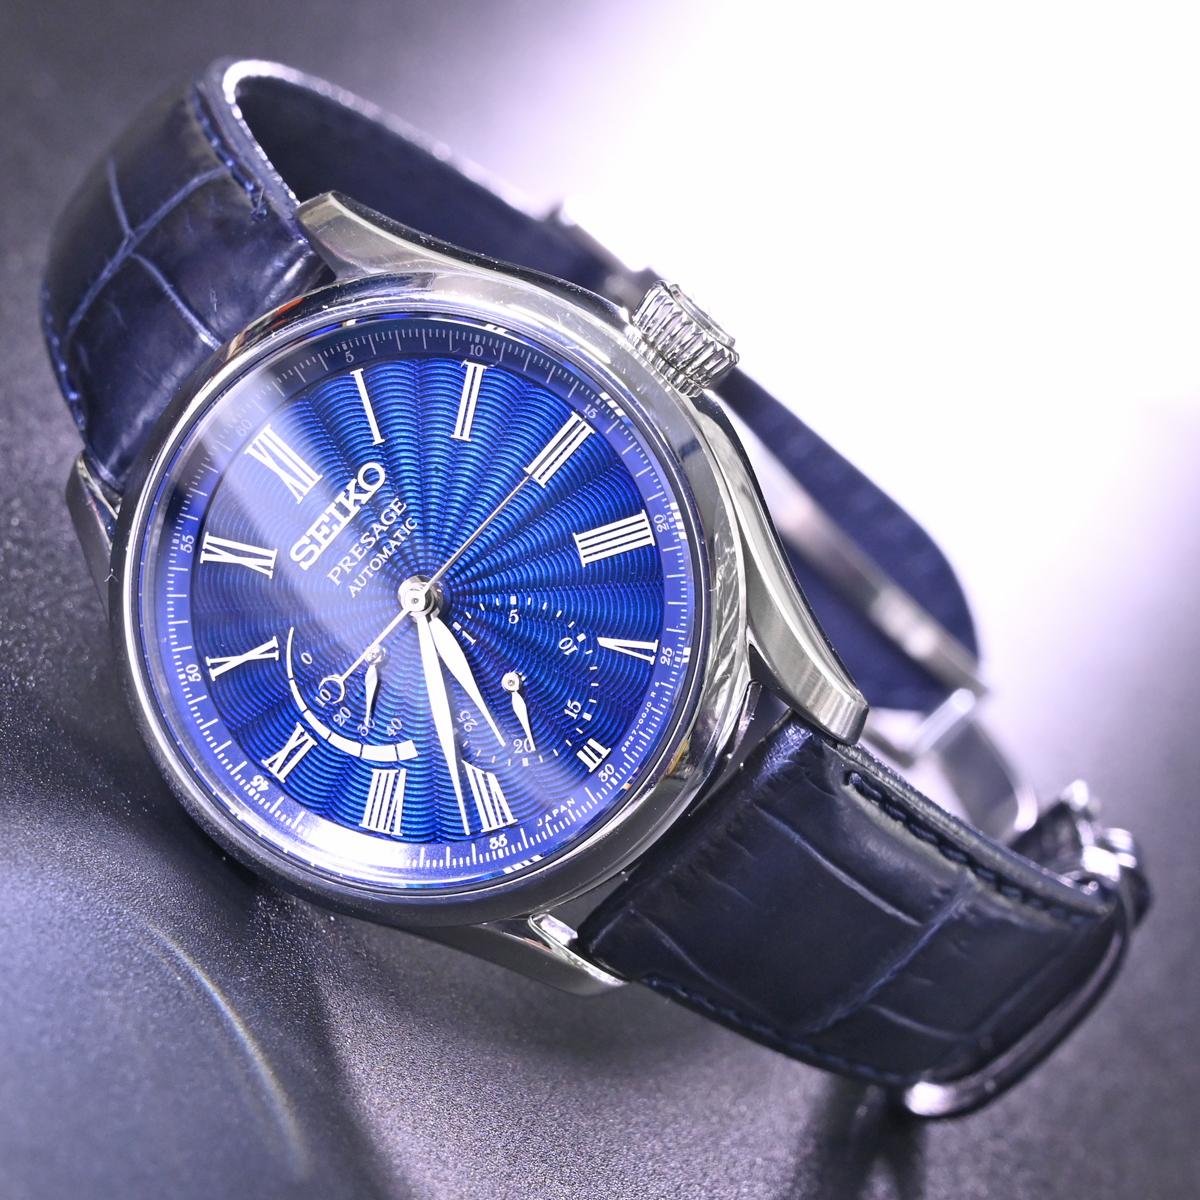 本物 美品 セイコー 限定品 SARW039 エナメル七宝文字盤 メカニカル プレサージュ メンズウォッチ 男性用自動巻腕時計 保証書 取説付 SEIKO_画像2